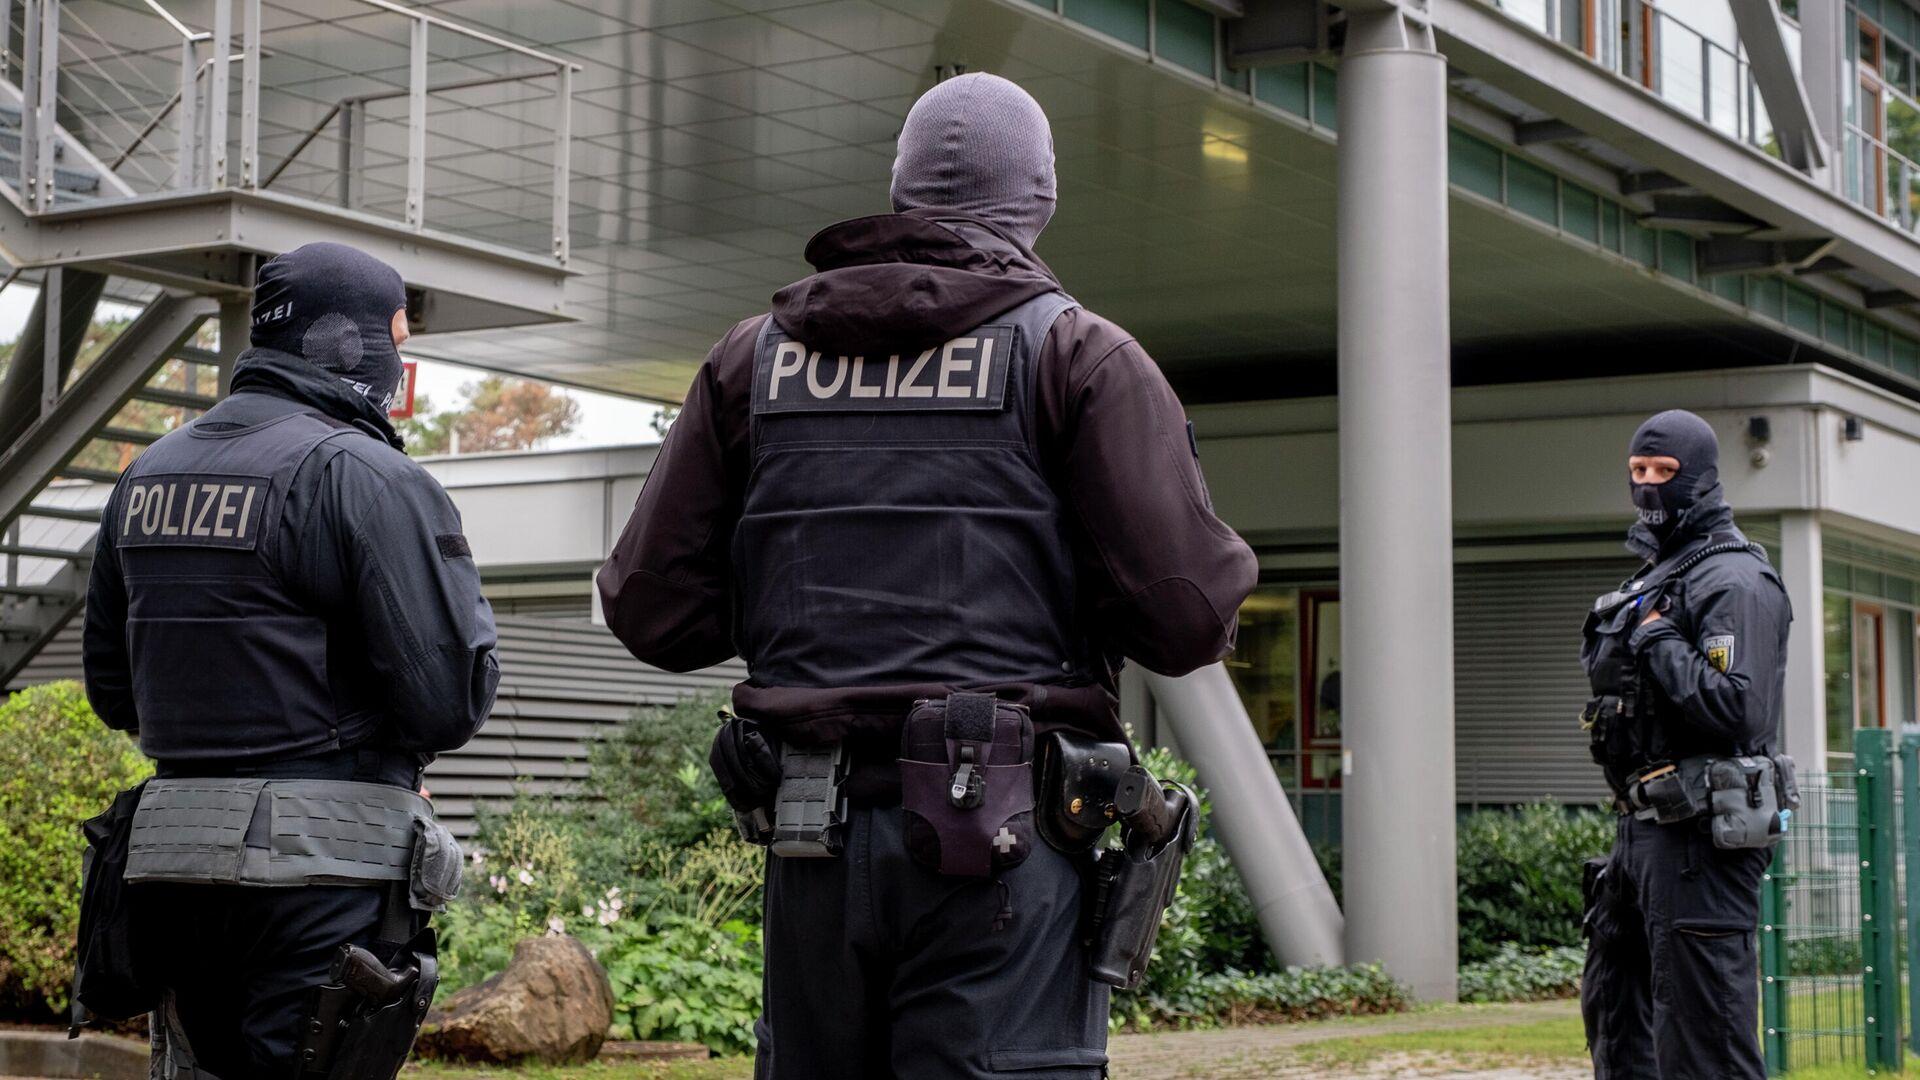 Polizei in Deutschland (Symbolbild) - SNA, 1920, 11.03.2021